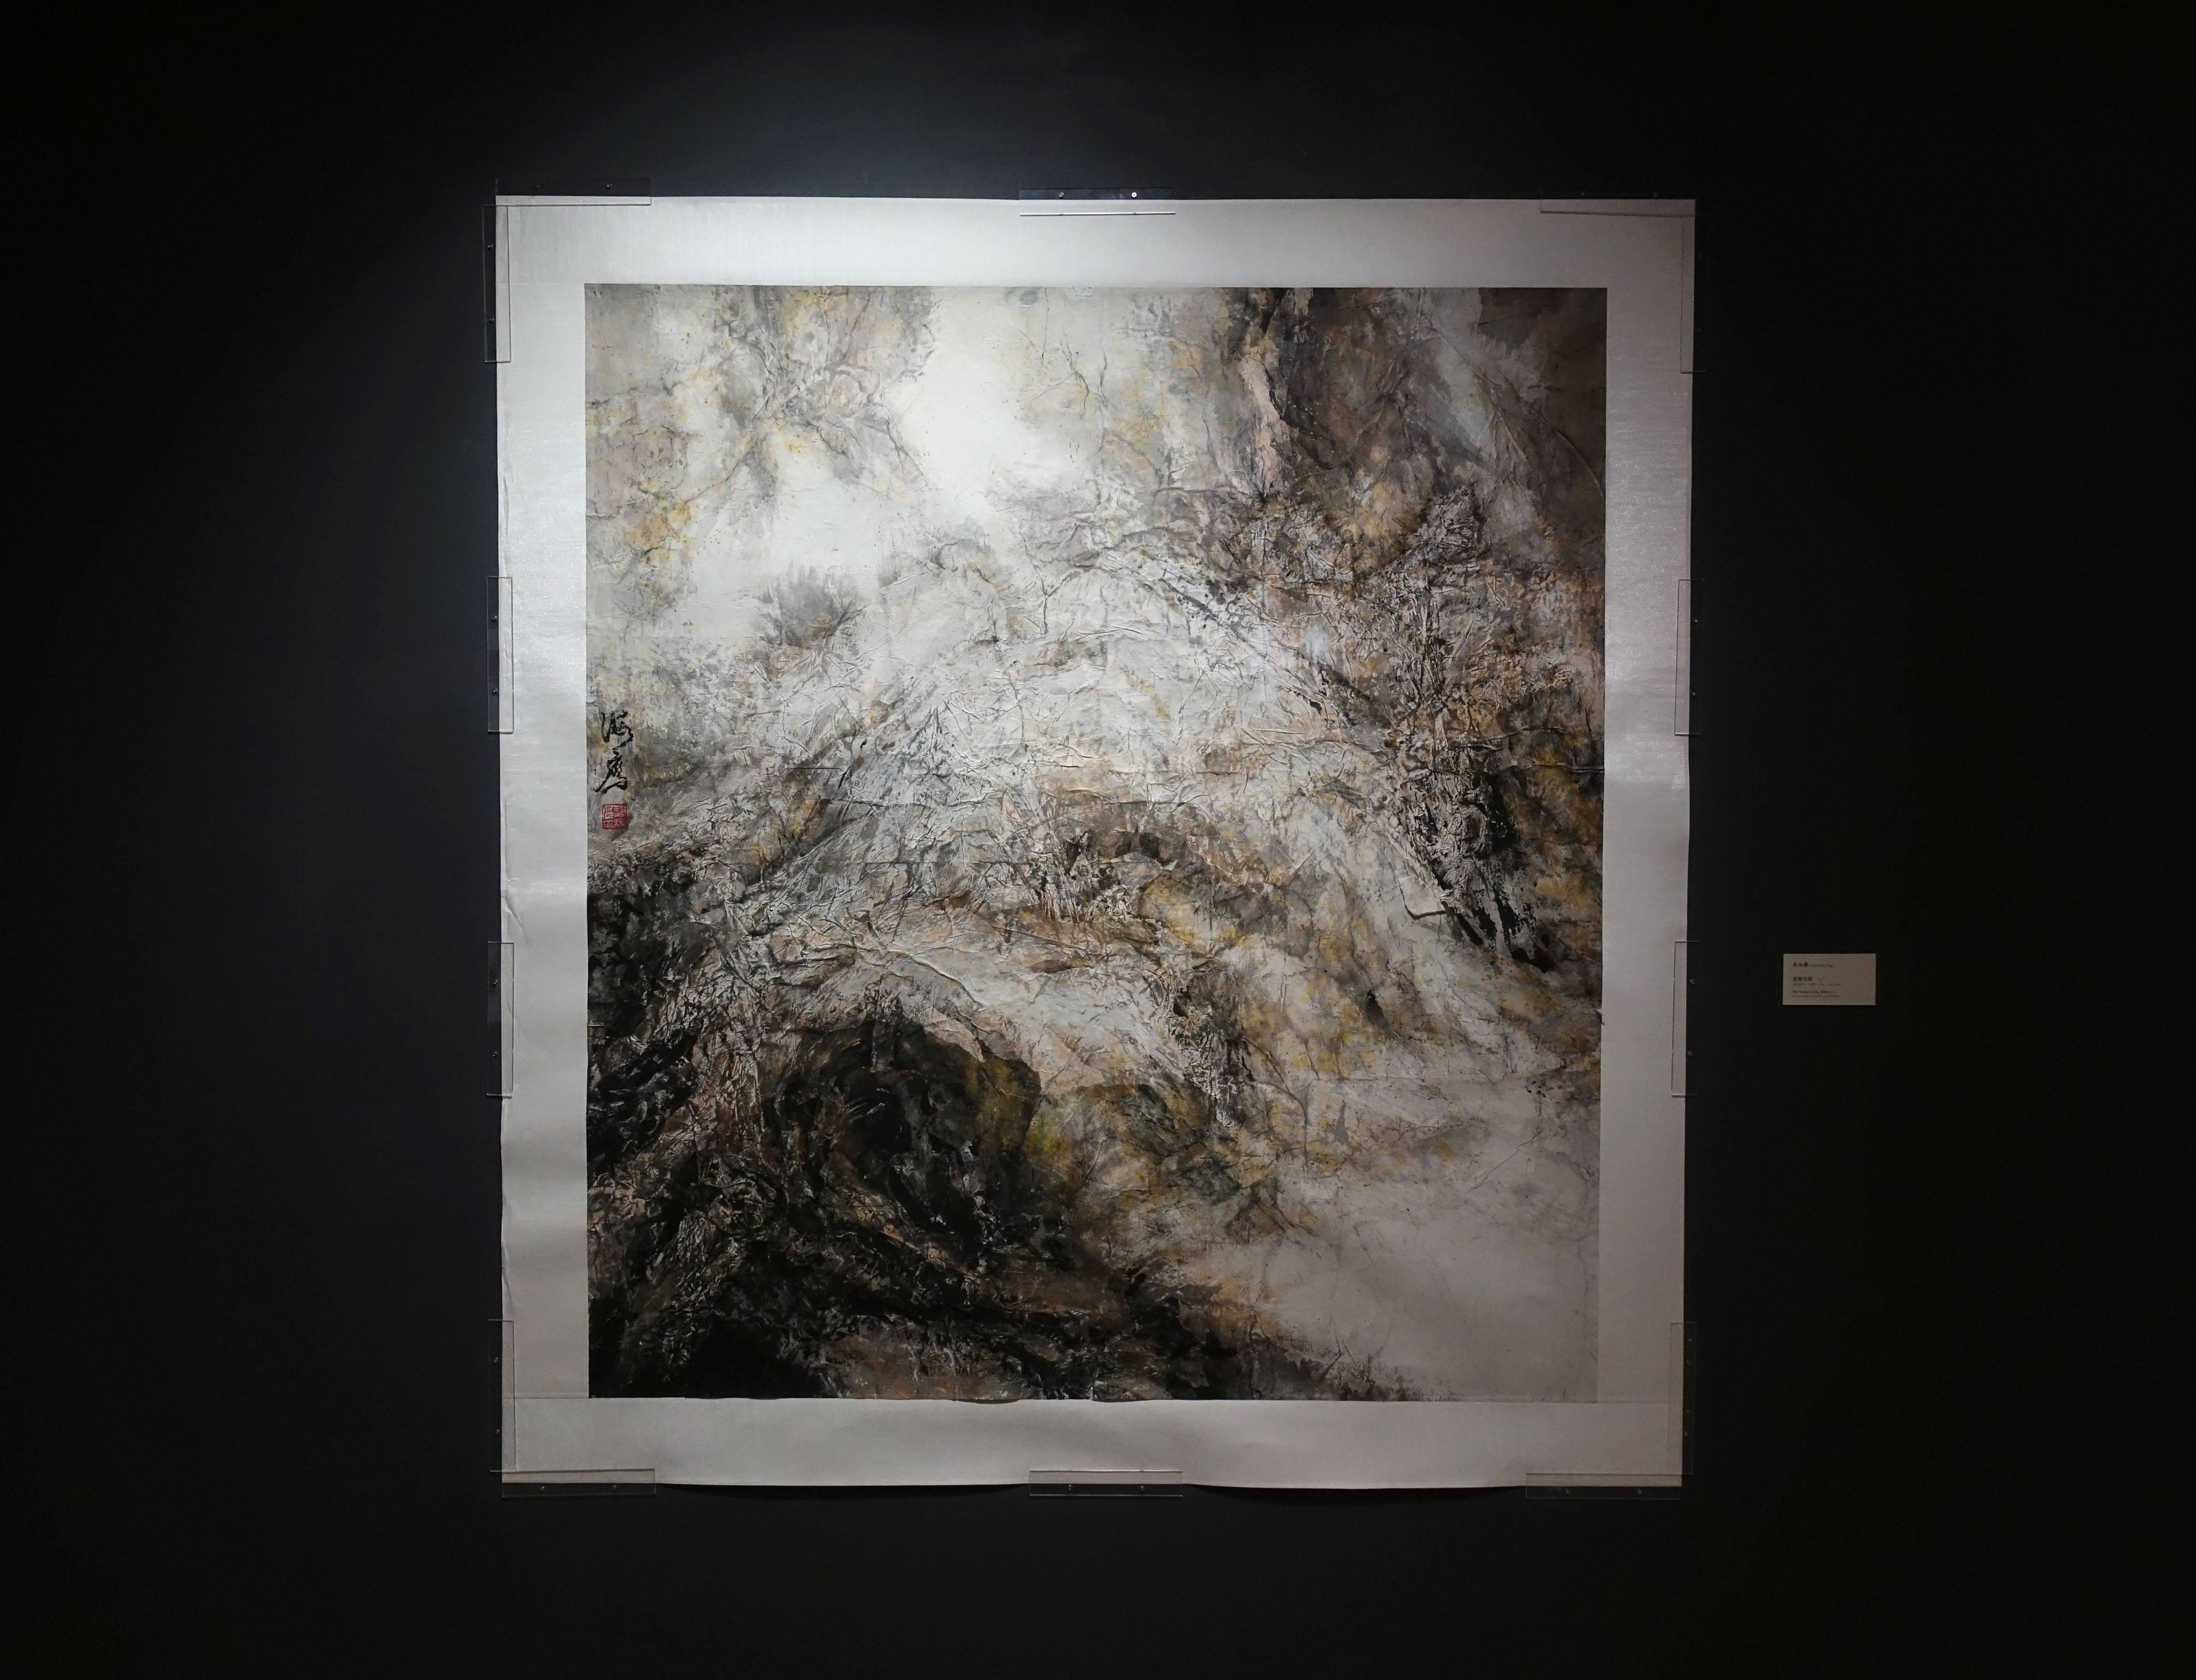 蔡海鷹,《濤聲依舊-1》,設色紙本、拼貼,2016。